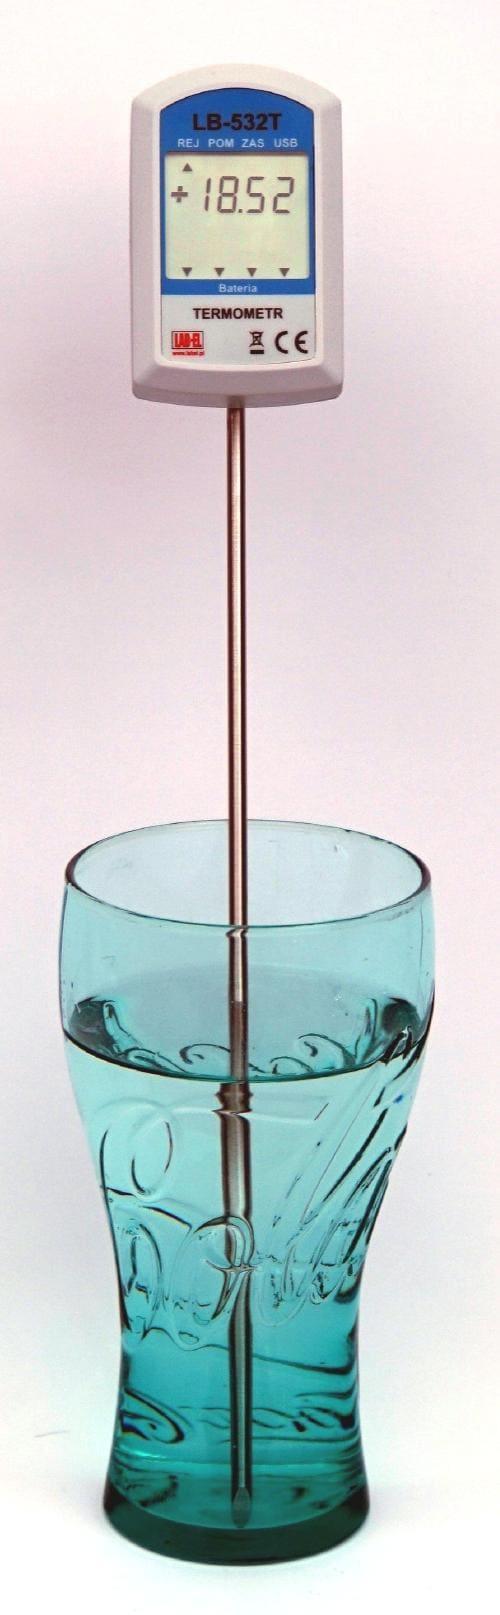 Termometr bagnetowy LB-532TS